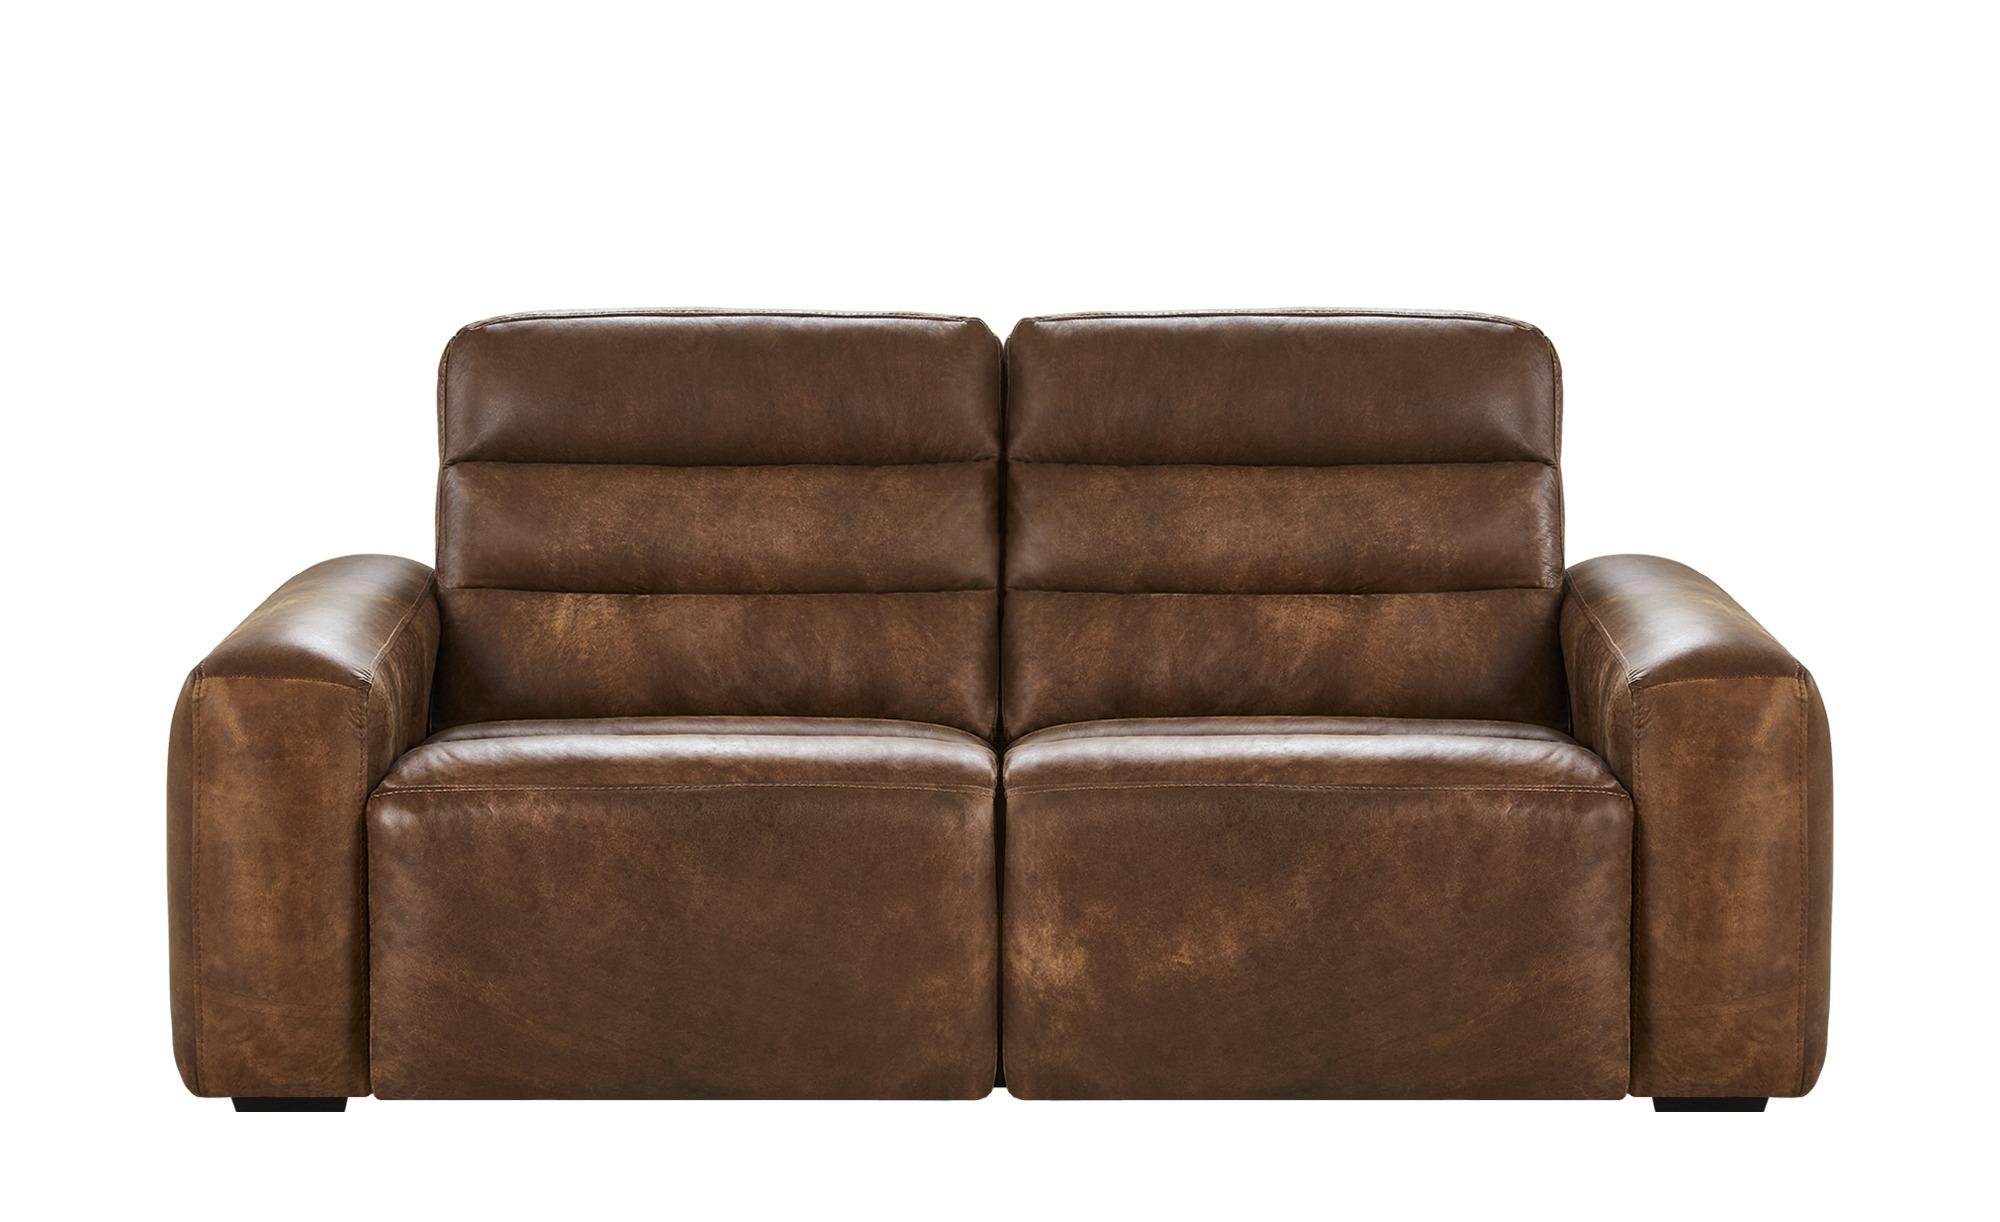 Full Size of 2 Sitzer Sofa Mit Relaxfunktion Elektrischer 5 Elektrisch 5 Sitzer   Grau 196 Cm Breit 2 Sitzer City Integrierter Tischablage Und Stauraumfach Leder Stoff Sofa 2 Sitzer Sofa Mit Relaxfunktion